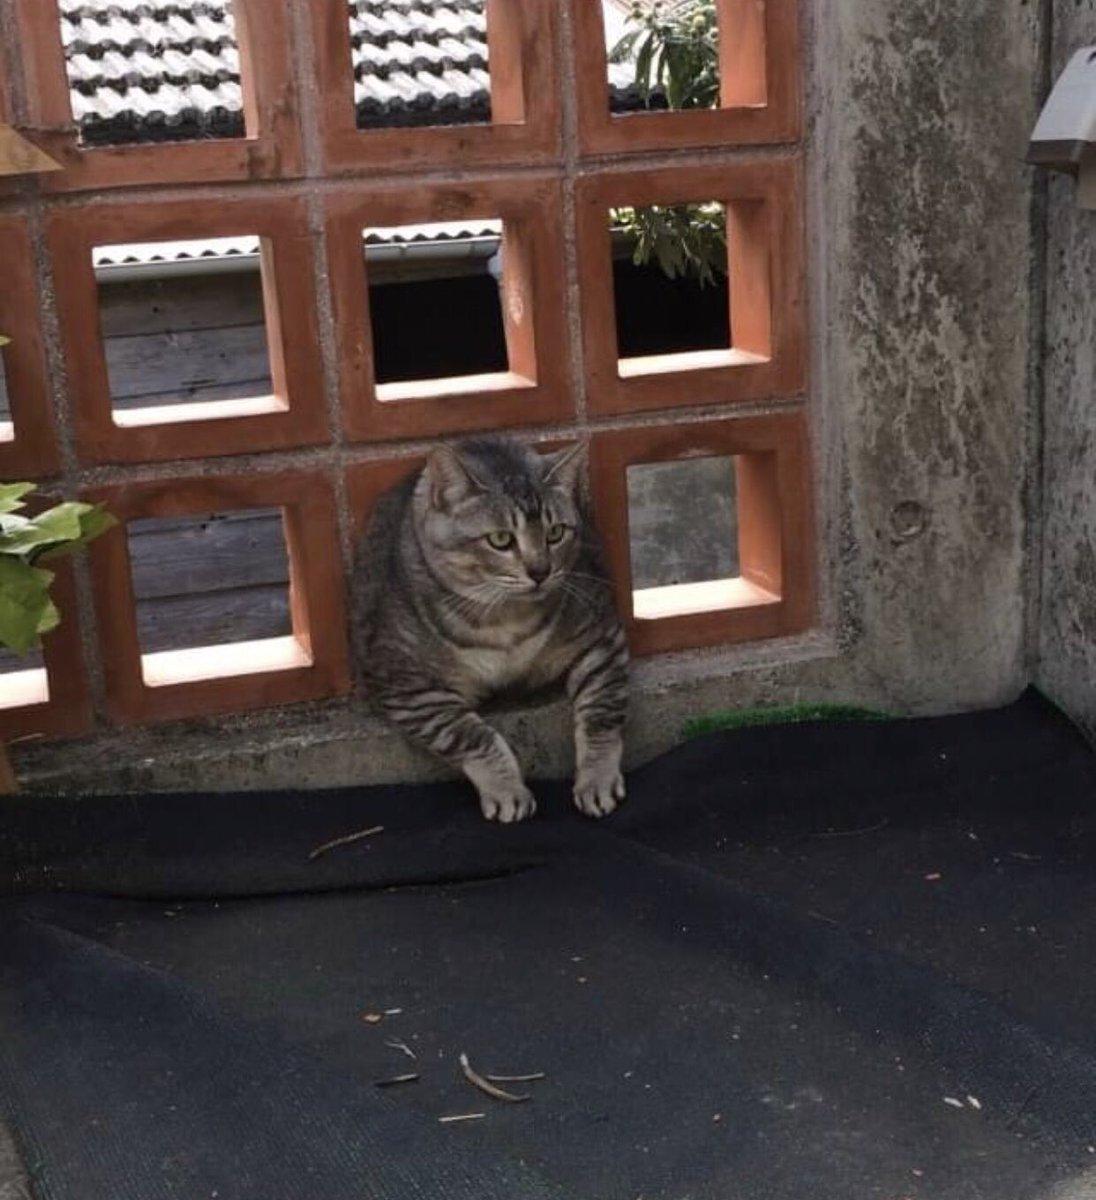 RT @2hahakame: 「笑うと免疫あがるよ」って母から送られてきた。昔飼ってた猫が太りすぎた結果、ブロックにはまって15分放置されてた時。また猫飼いたいなぁ https://t.co/ULysoBKbXV